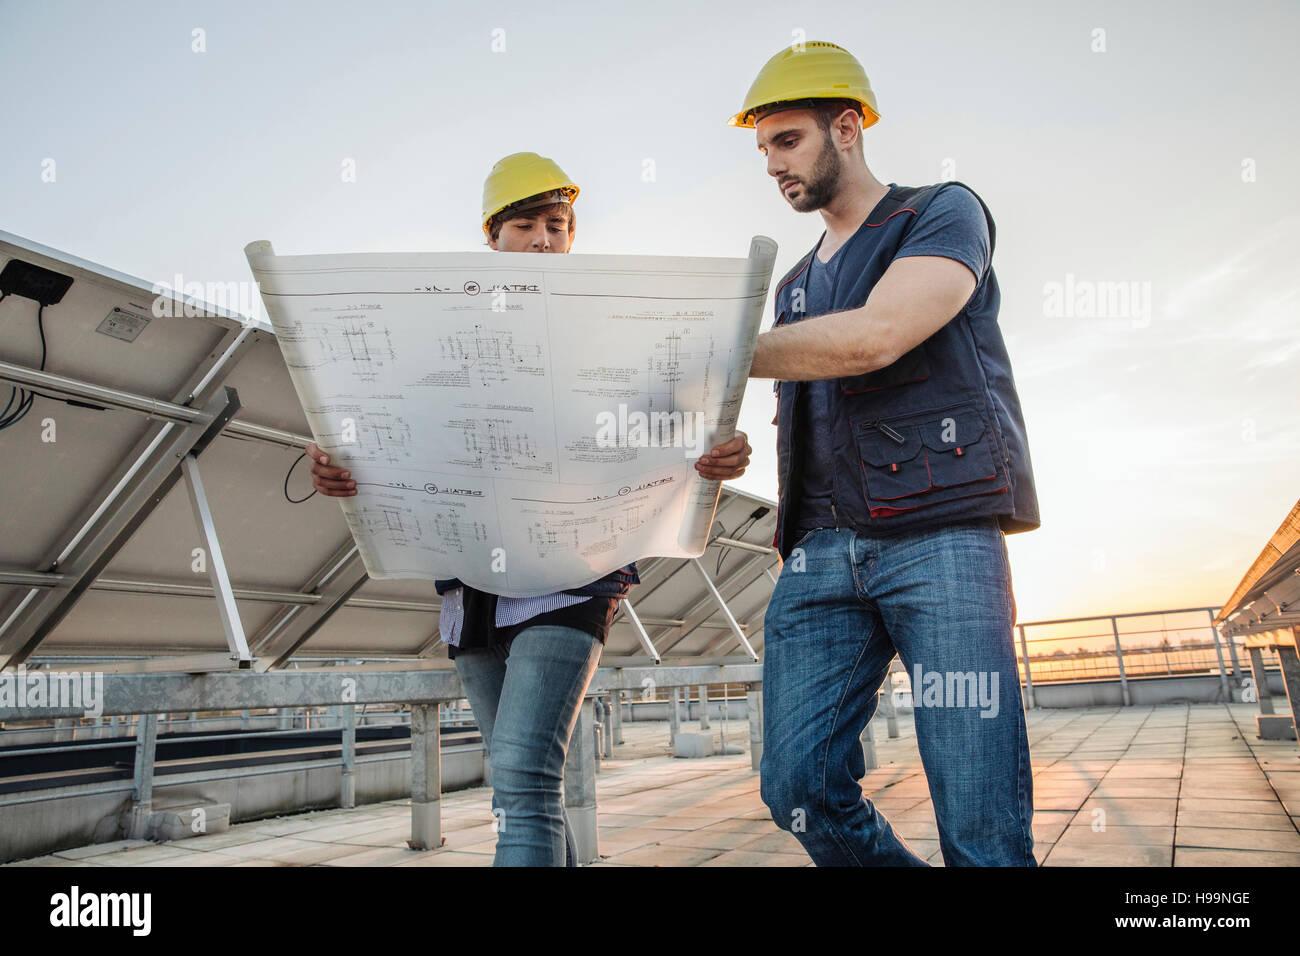 Architetto e ingegnere ispezione solar power station Immagini Stock